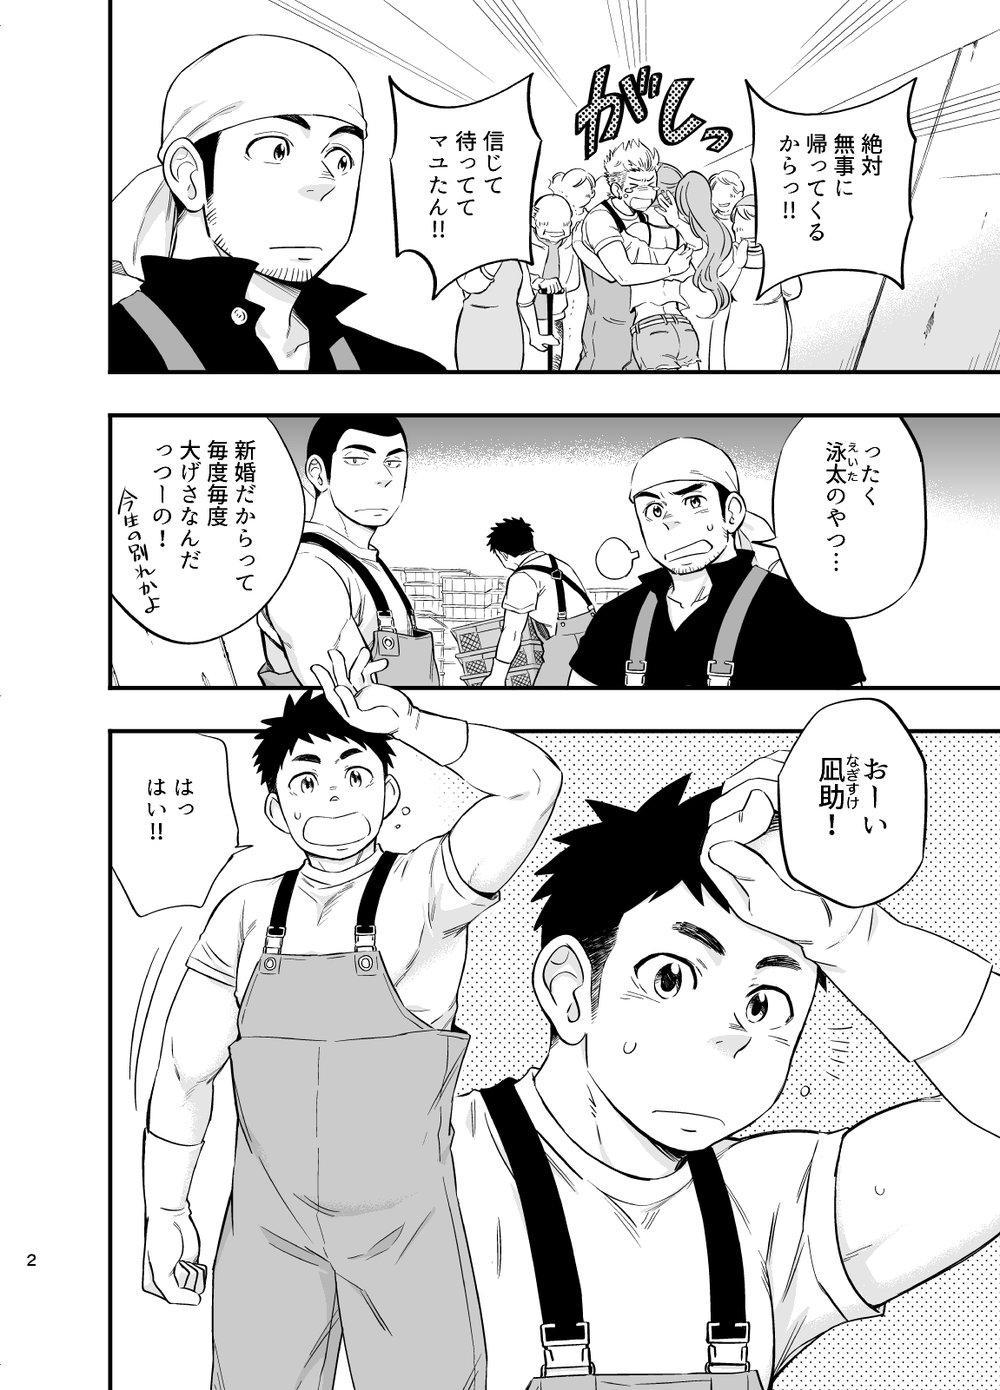 Umi no Otoko 2